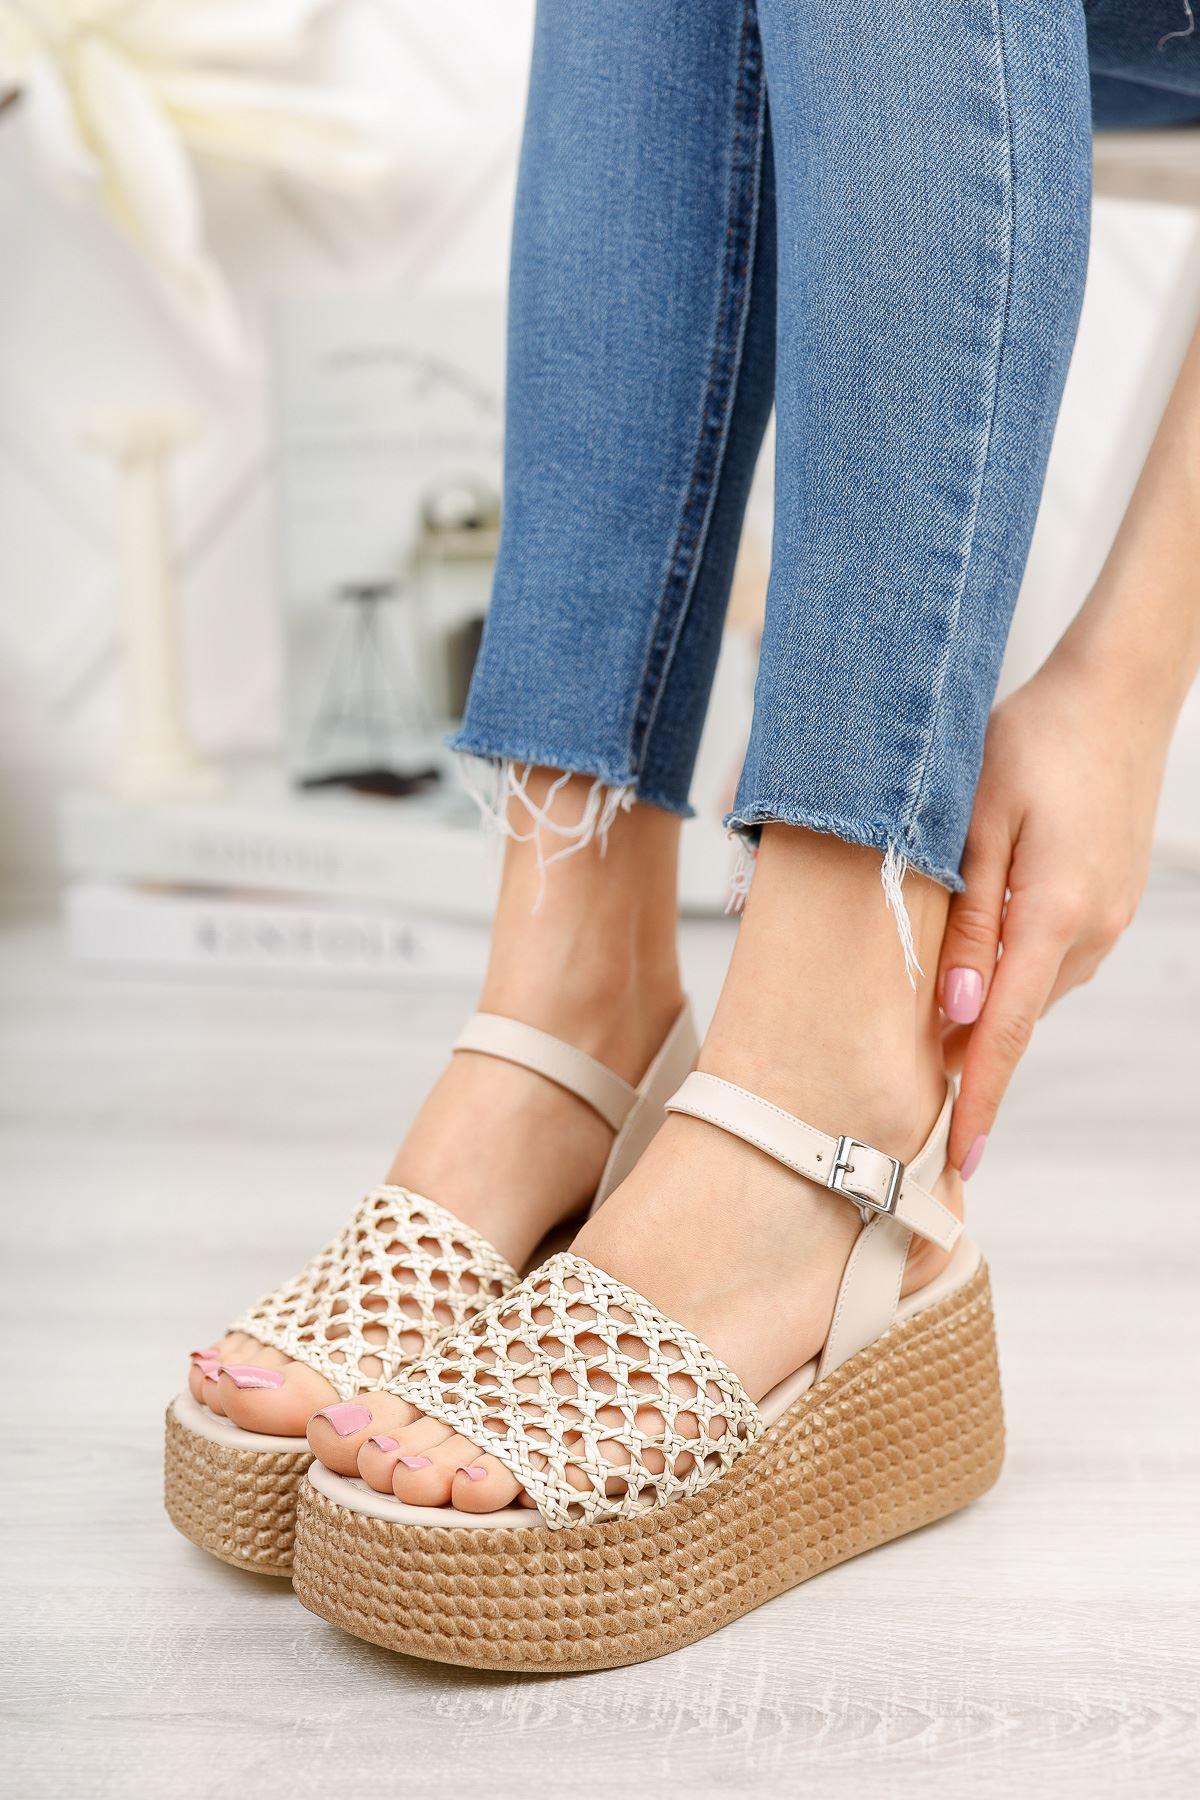 Bej Örgü Dolgu Topuklu Ayakkabı